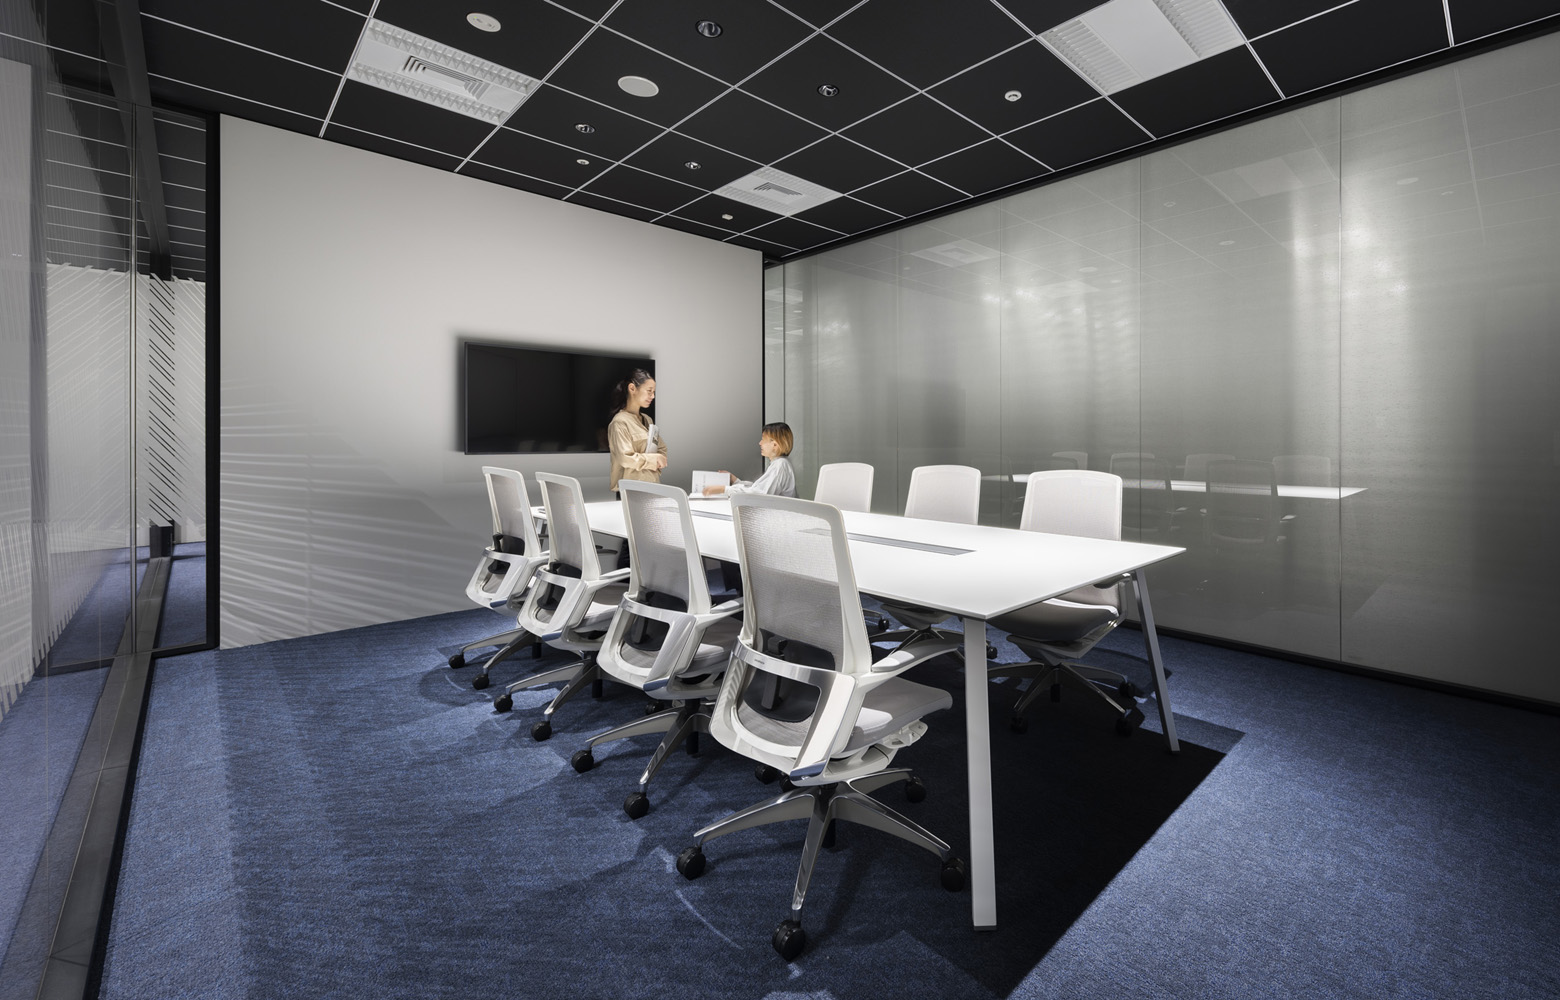 東洋アルミニウム株式会社 Meeting Room デザイン・レイアウト事例